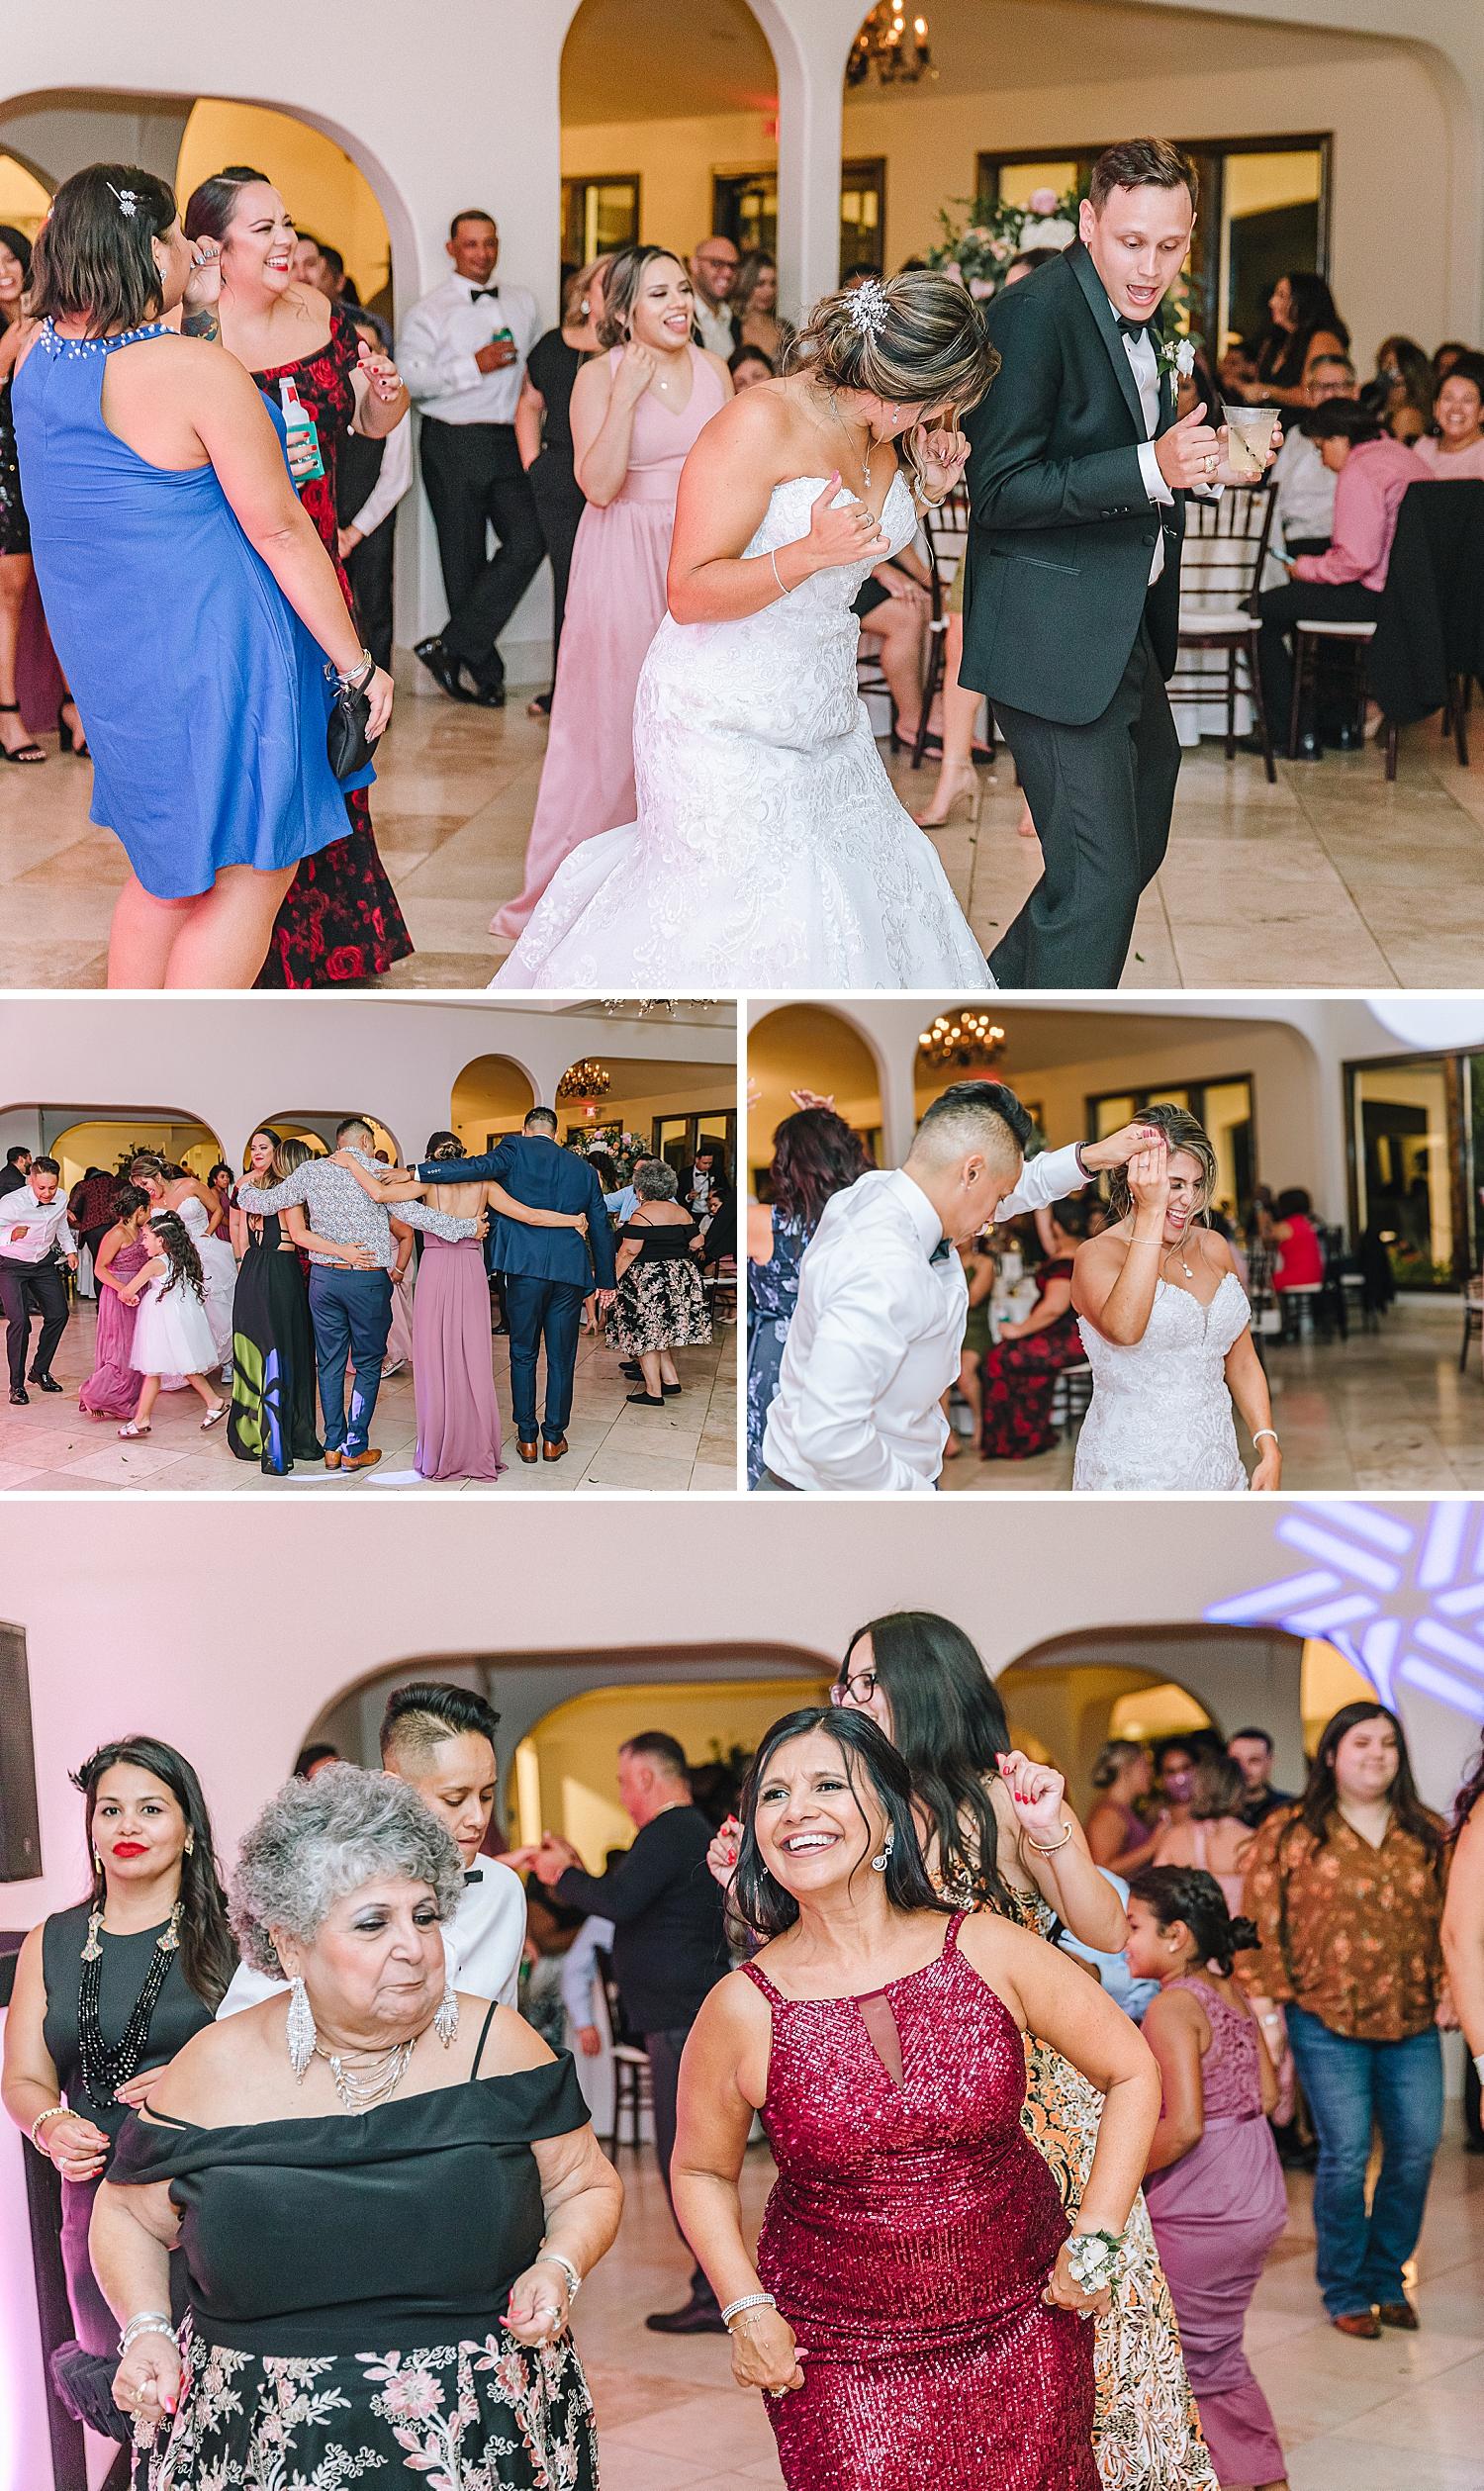 Carly-Barton-Photography-The-Villa-at-Cielo-Vista-Blush-Gold-White-Wedding-Photos_0030.jpg